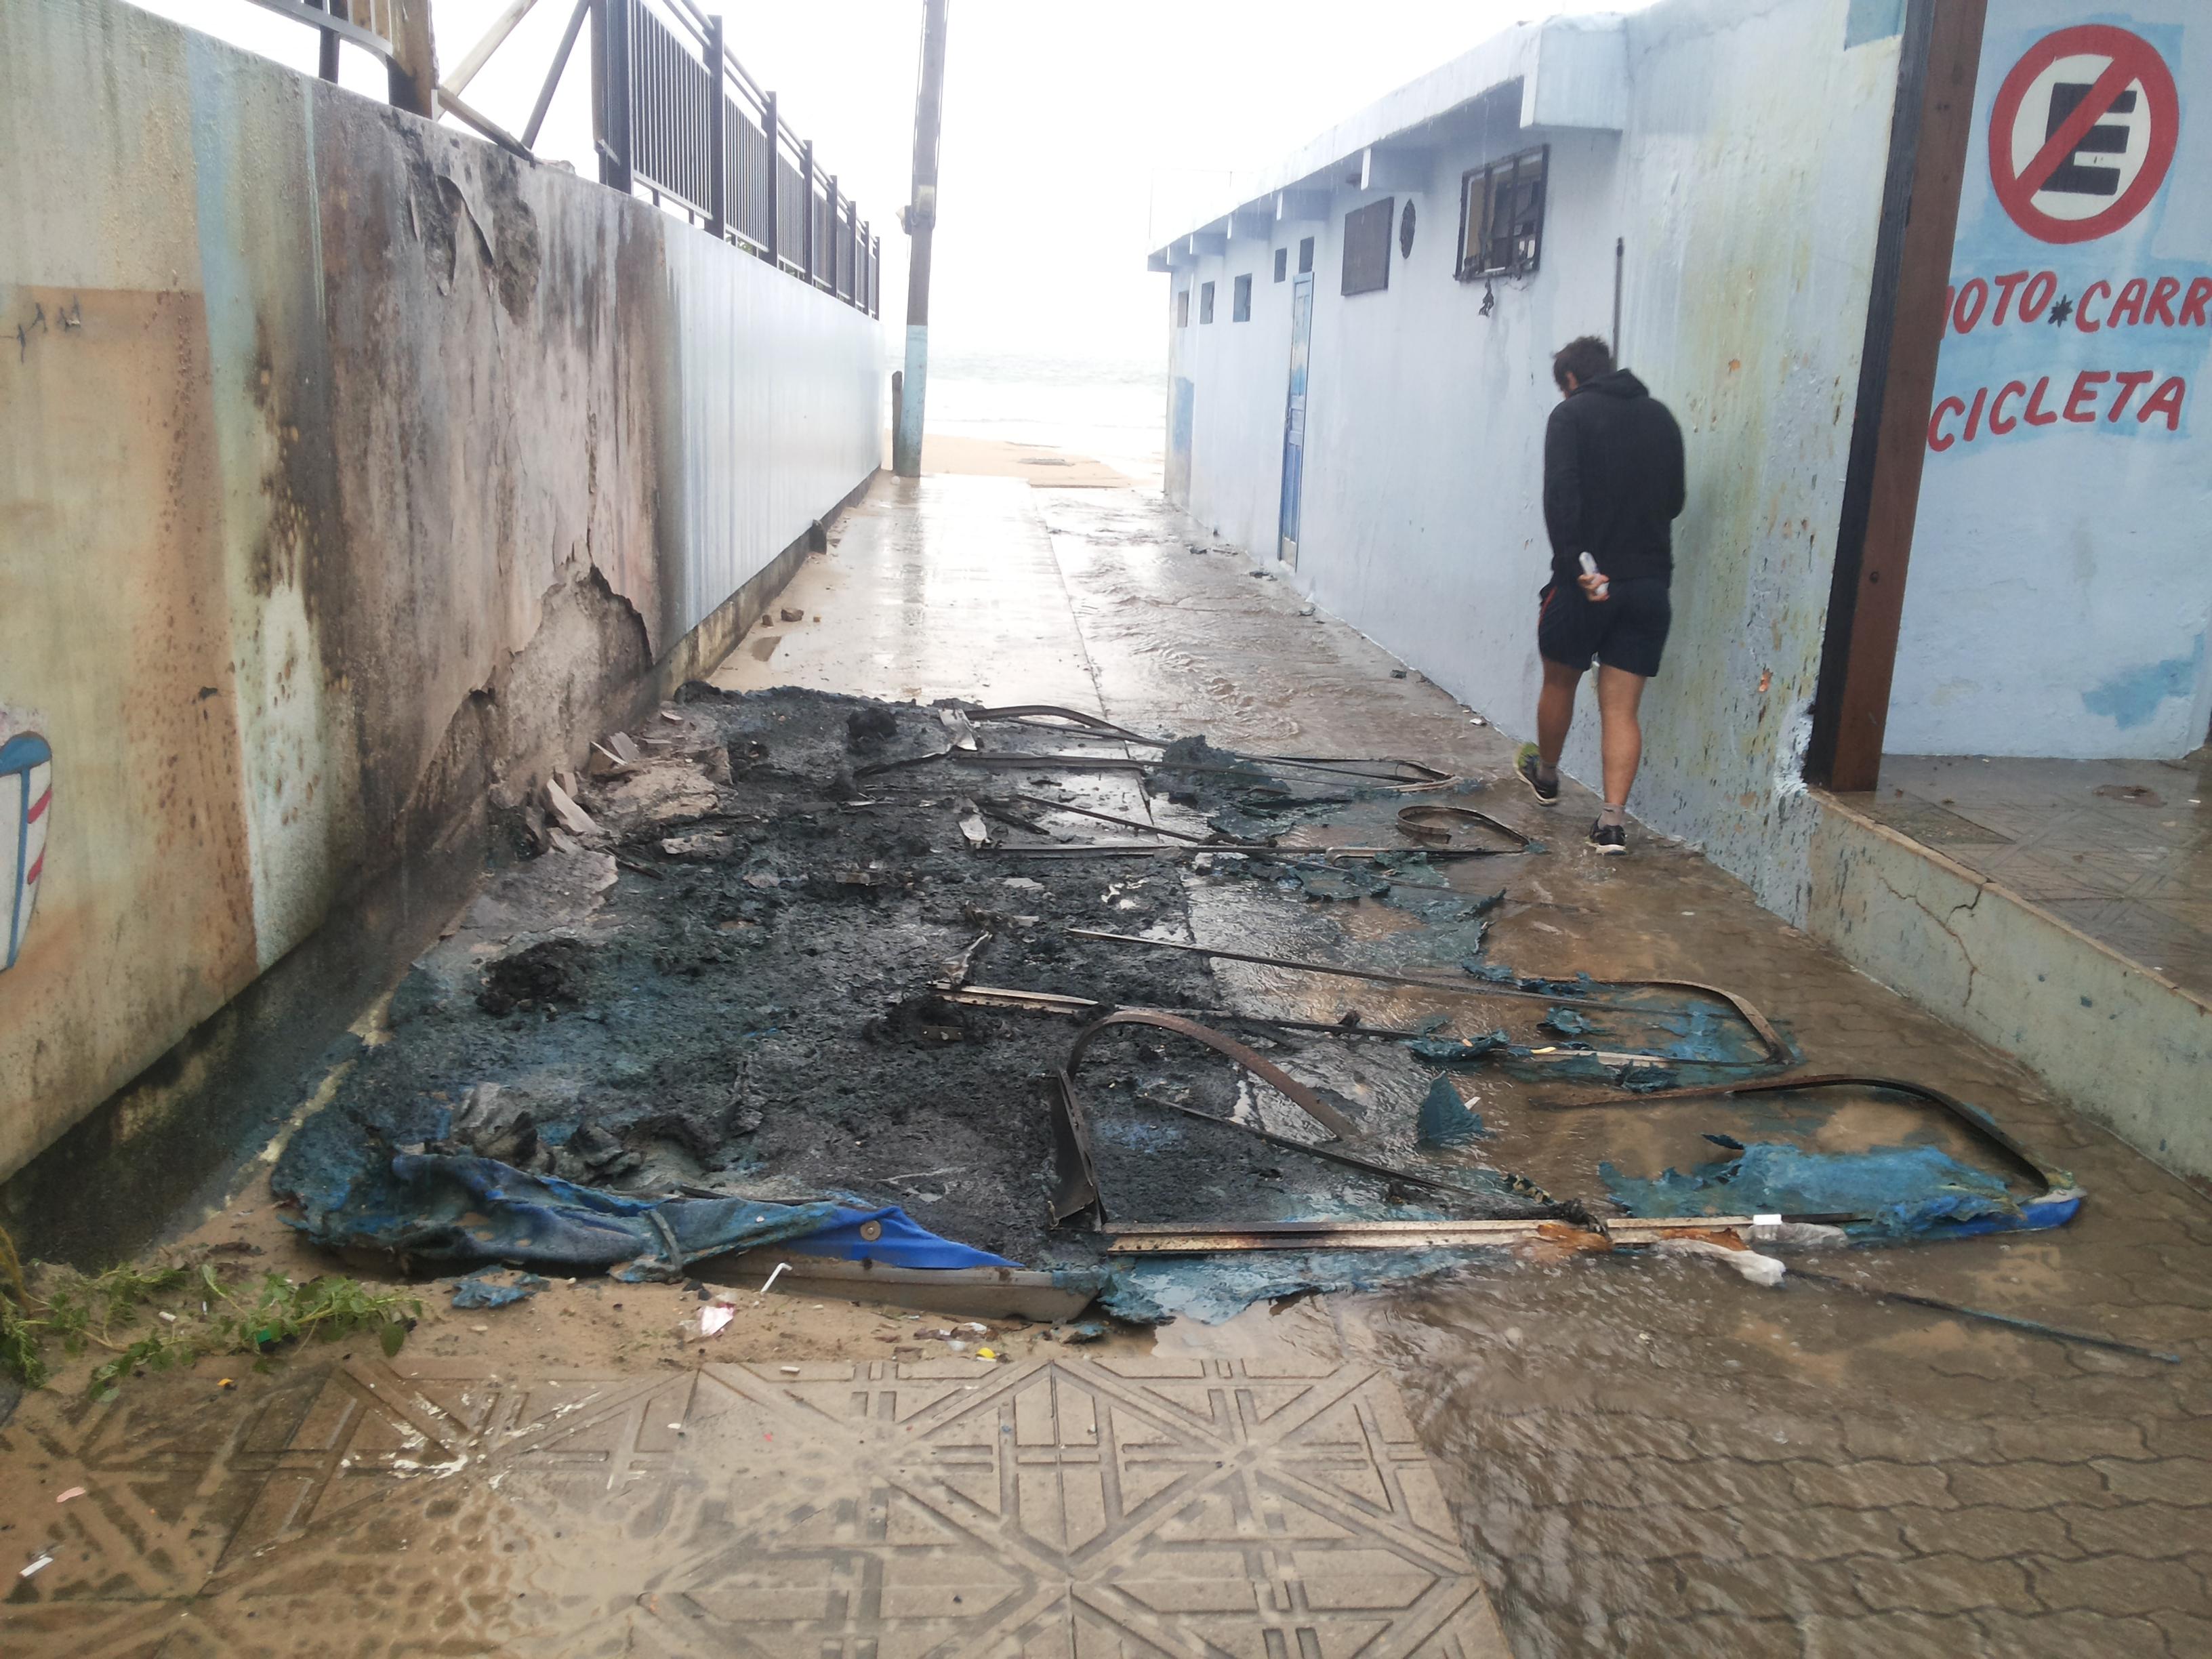 banheiros-fogo-ingleses-vandalismo-prefeitura